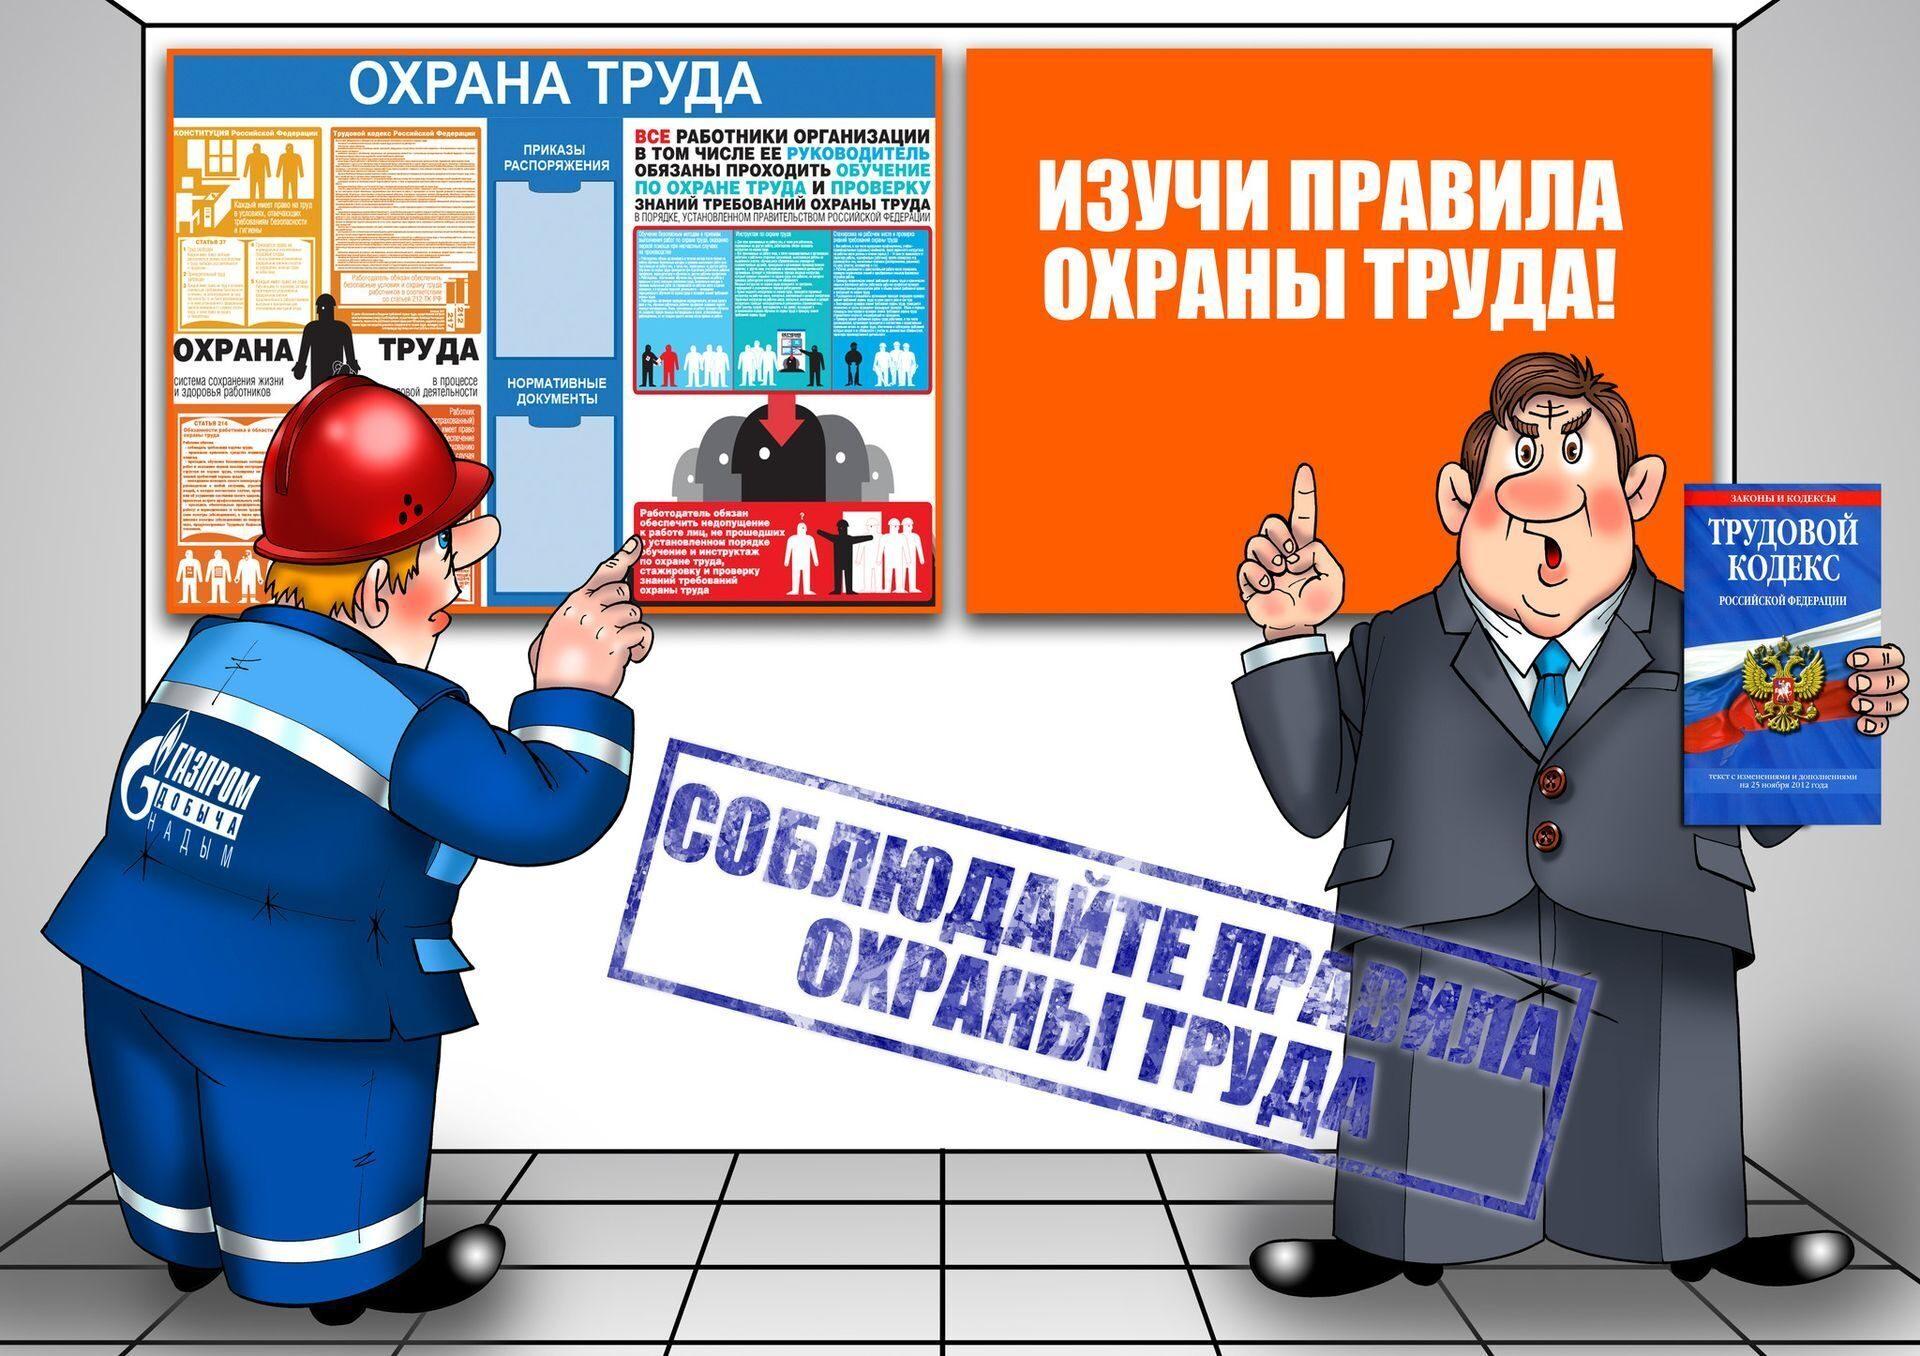 плакаты вывески картинки по охране труда грузии пользовались